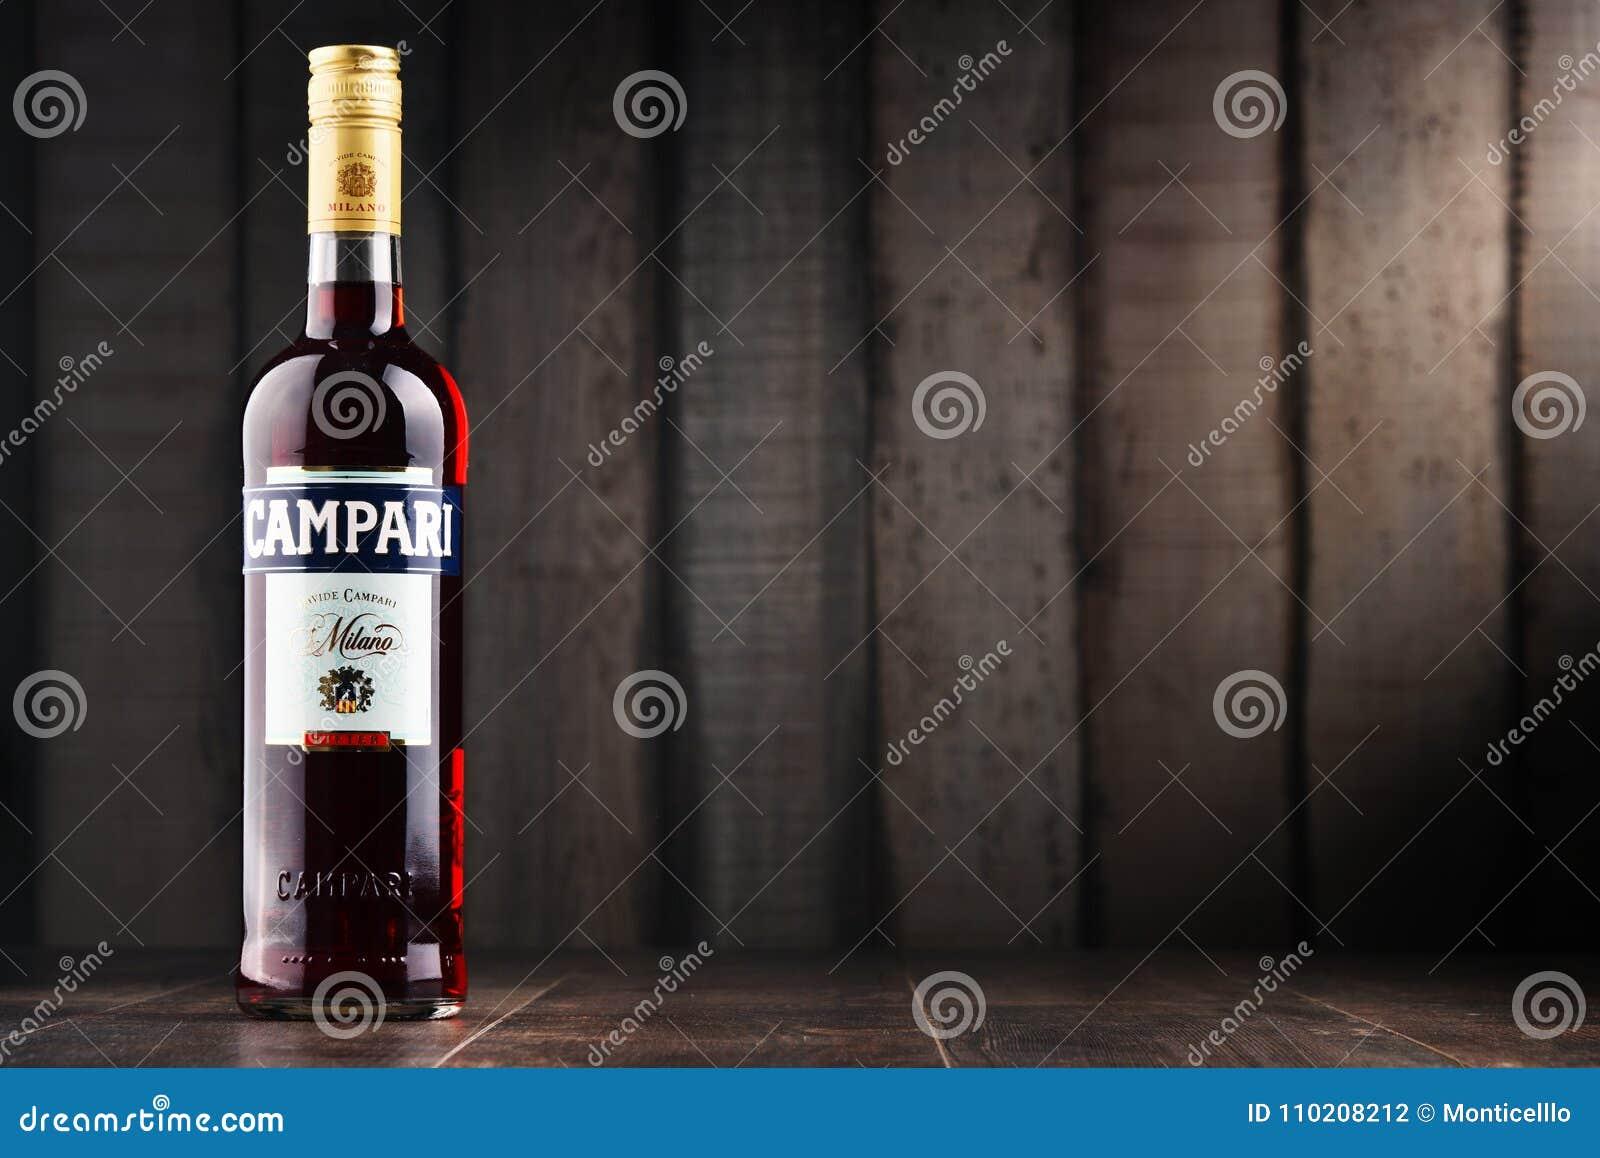 Fles Campari, een alcoholische likeur van Italië